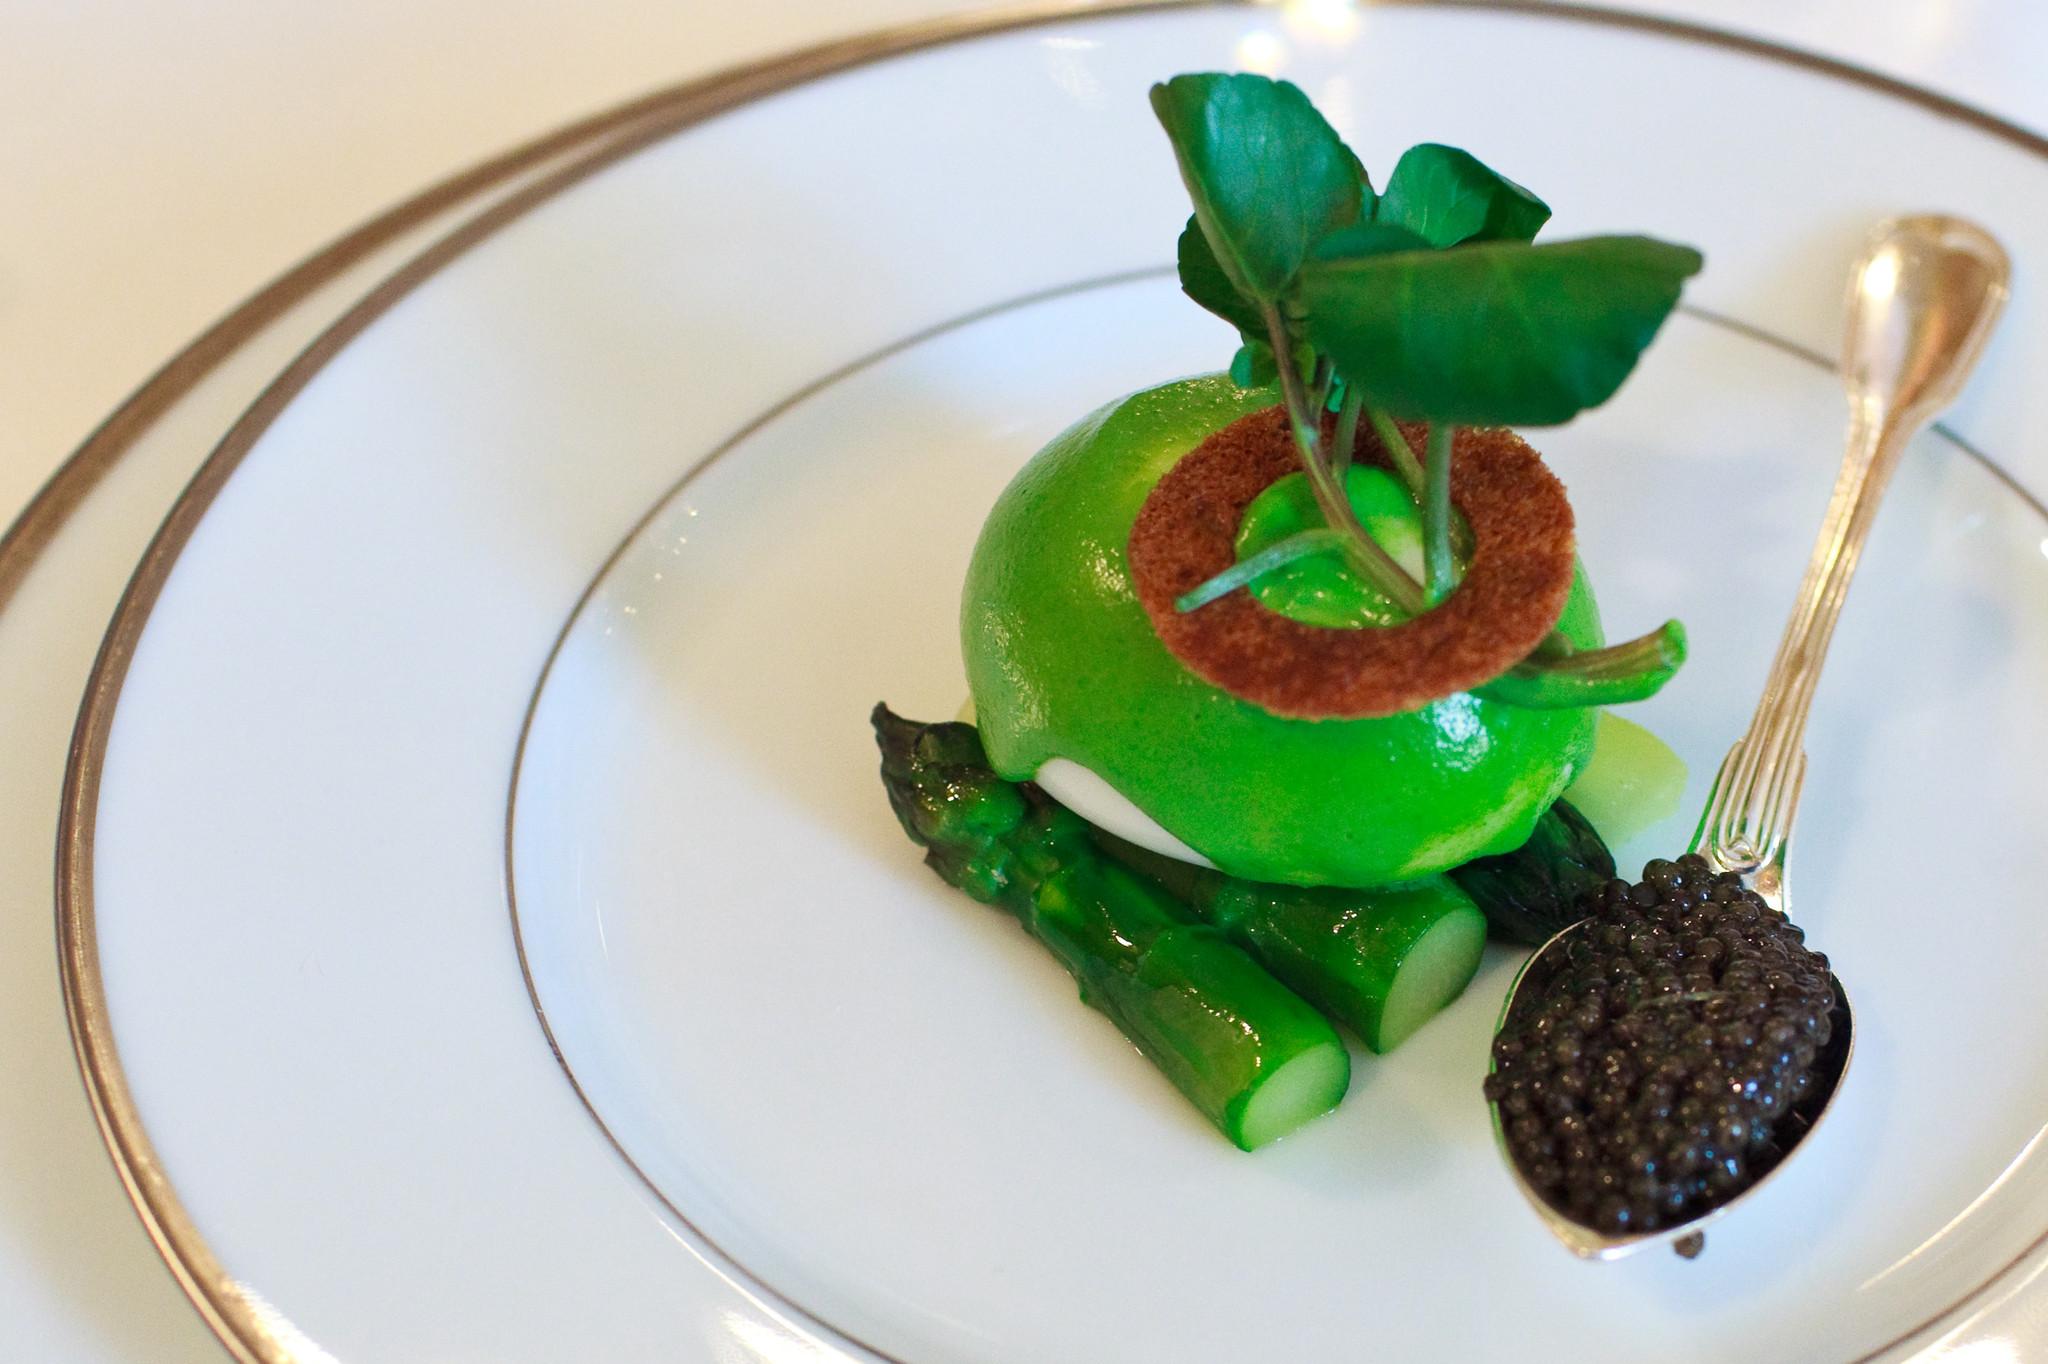 Chaud-froid d'oeufs mollets au cresson, asperges vertes et caviar osciètre gold